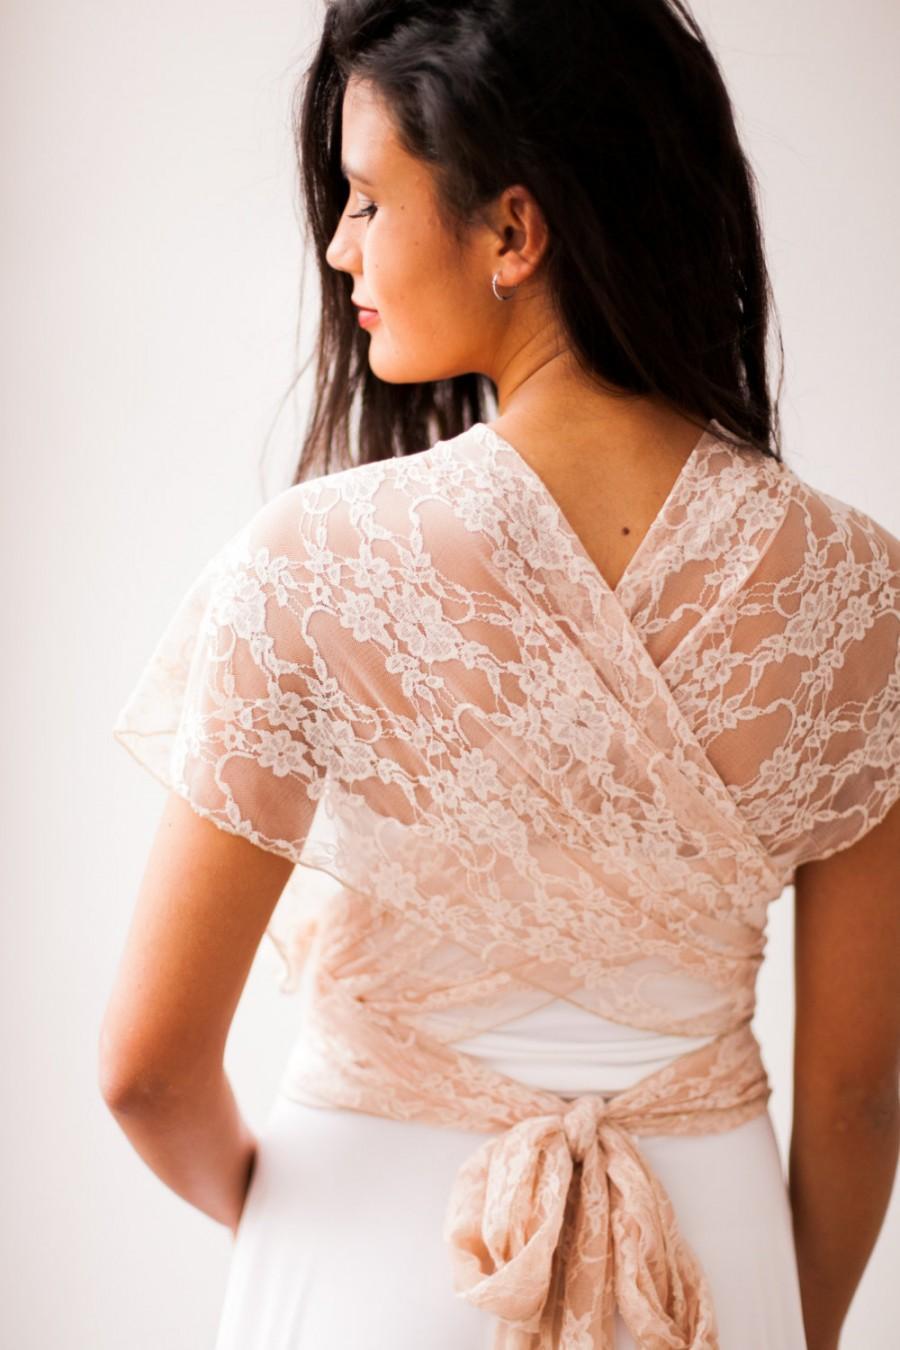 Wedding - Bridal gown lace wedding dress, romantic wedding dress, boho infinity dress, infinity lace dress, rustic wedding gown, lace wedding dresses